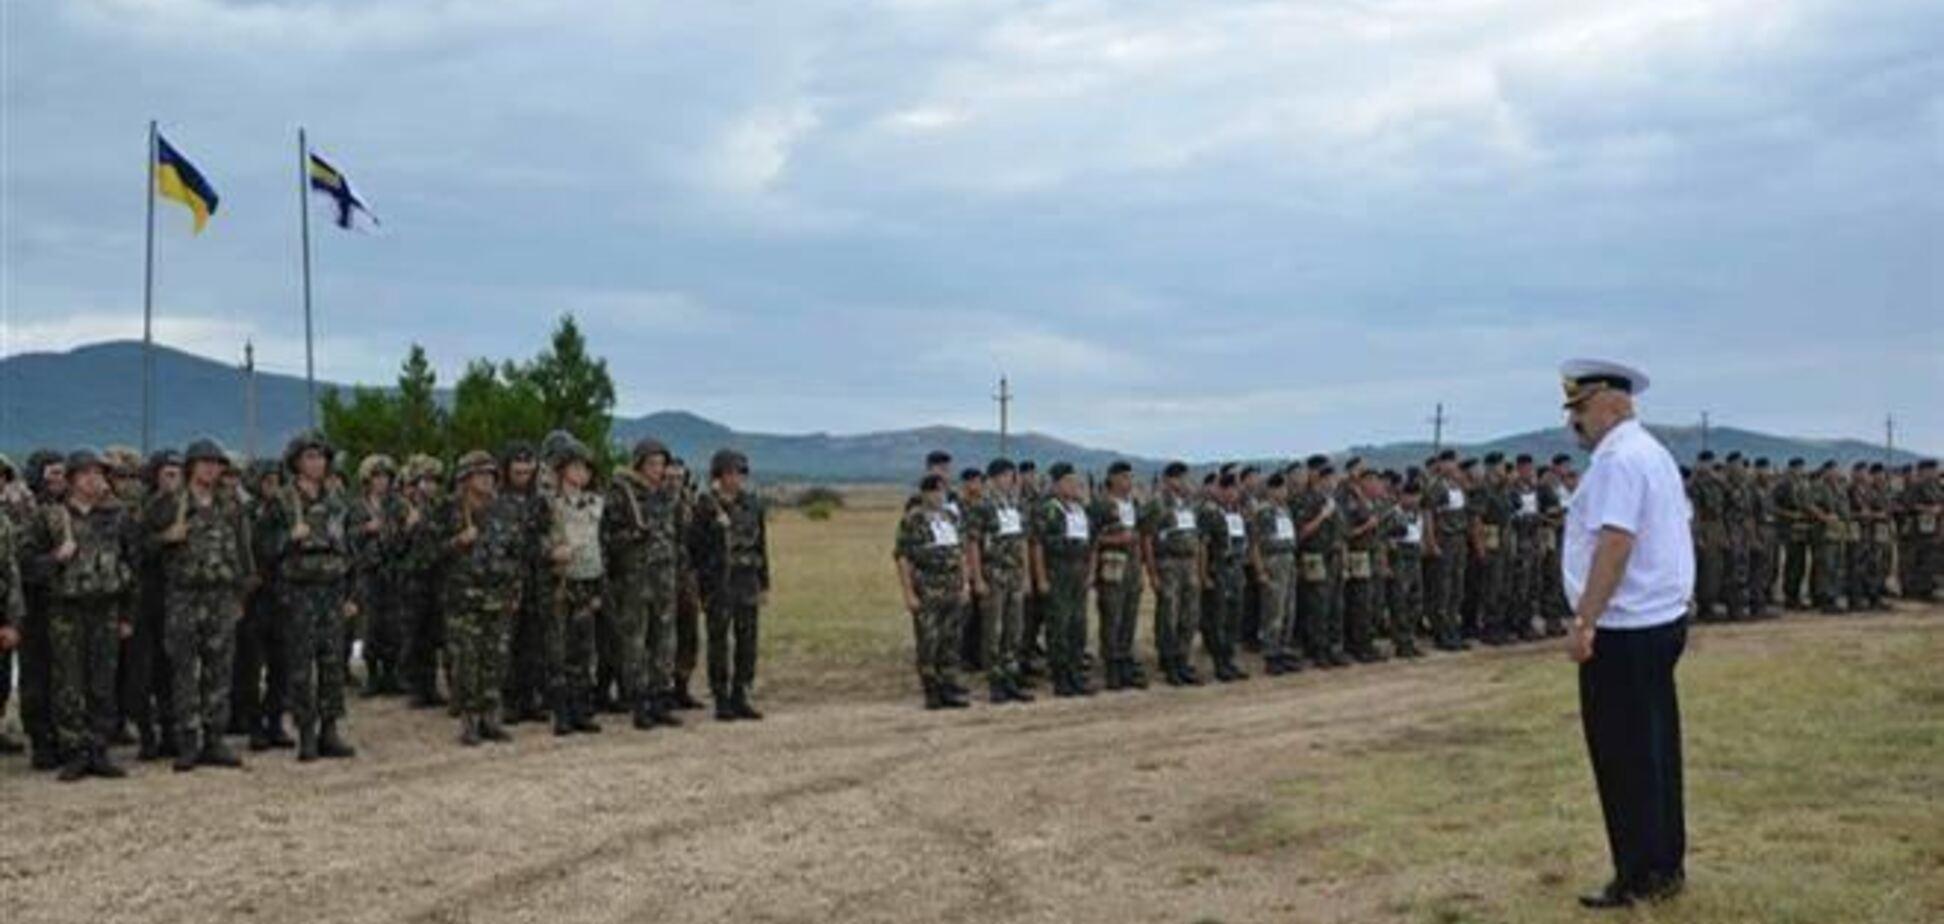 В Крыму 36-я бригада ВСУ решила 'стоять насмерть' при атаке силовиков РФ